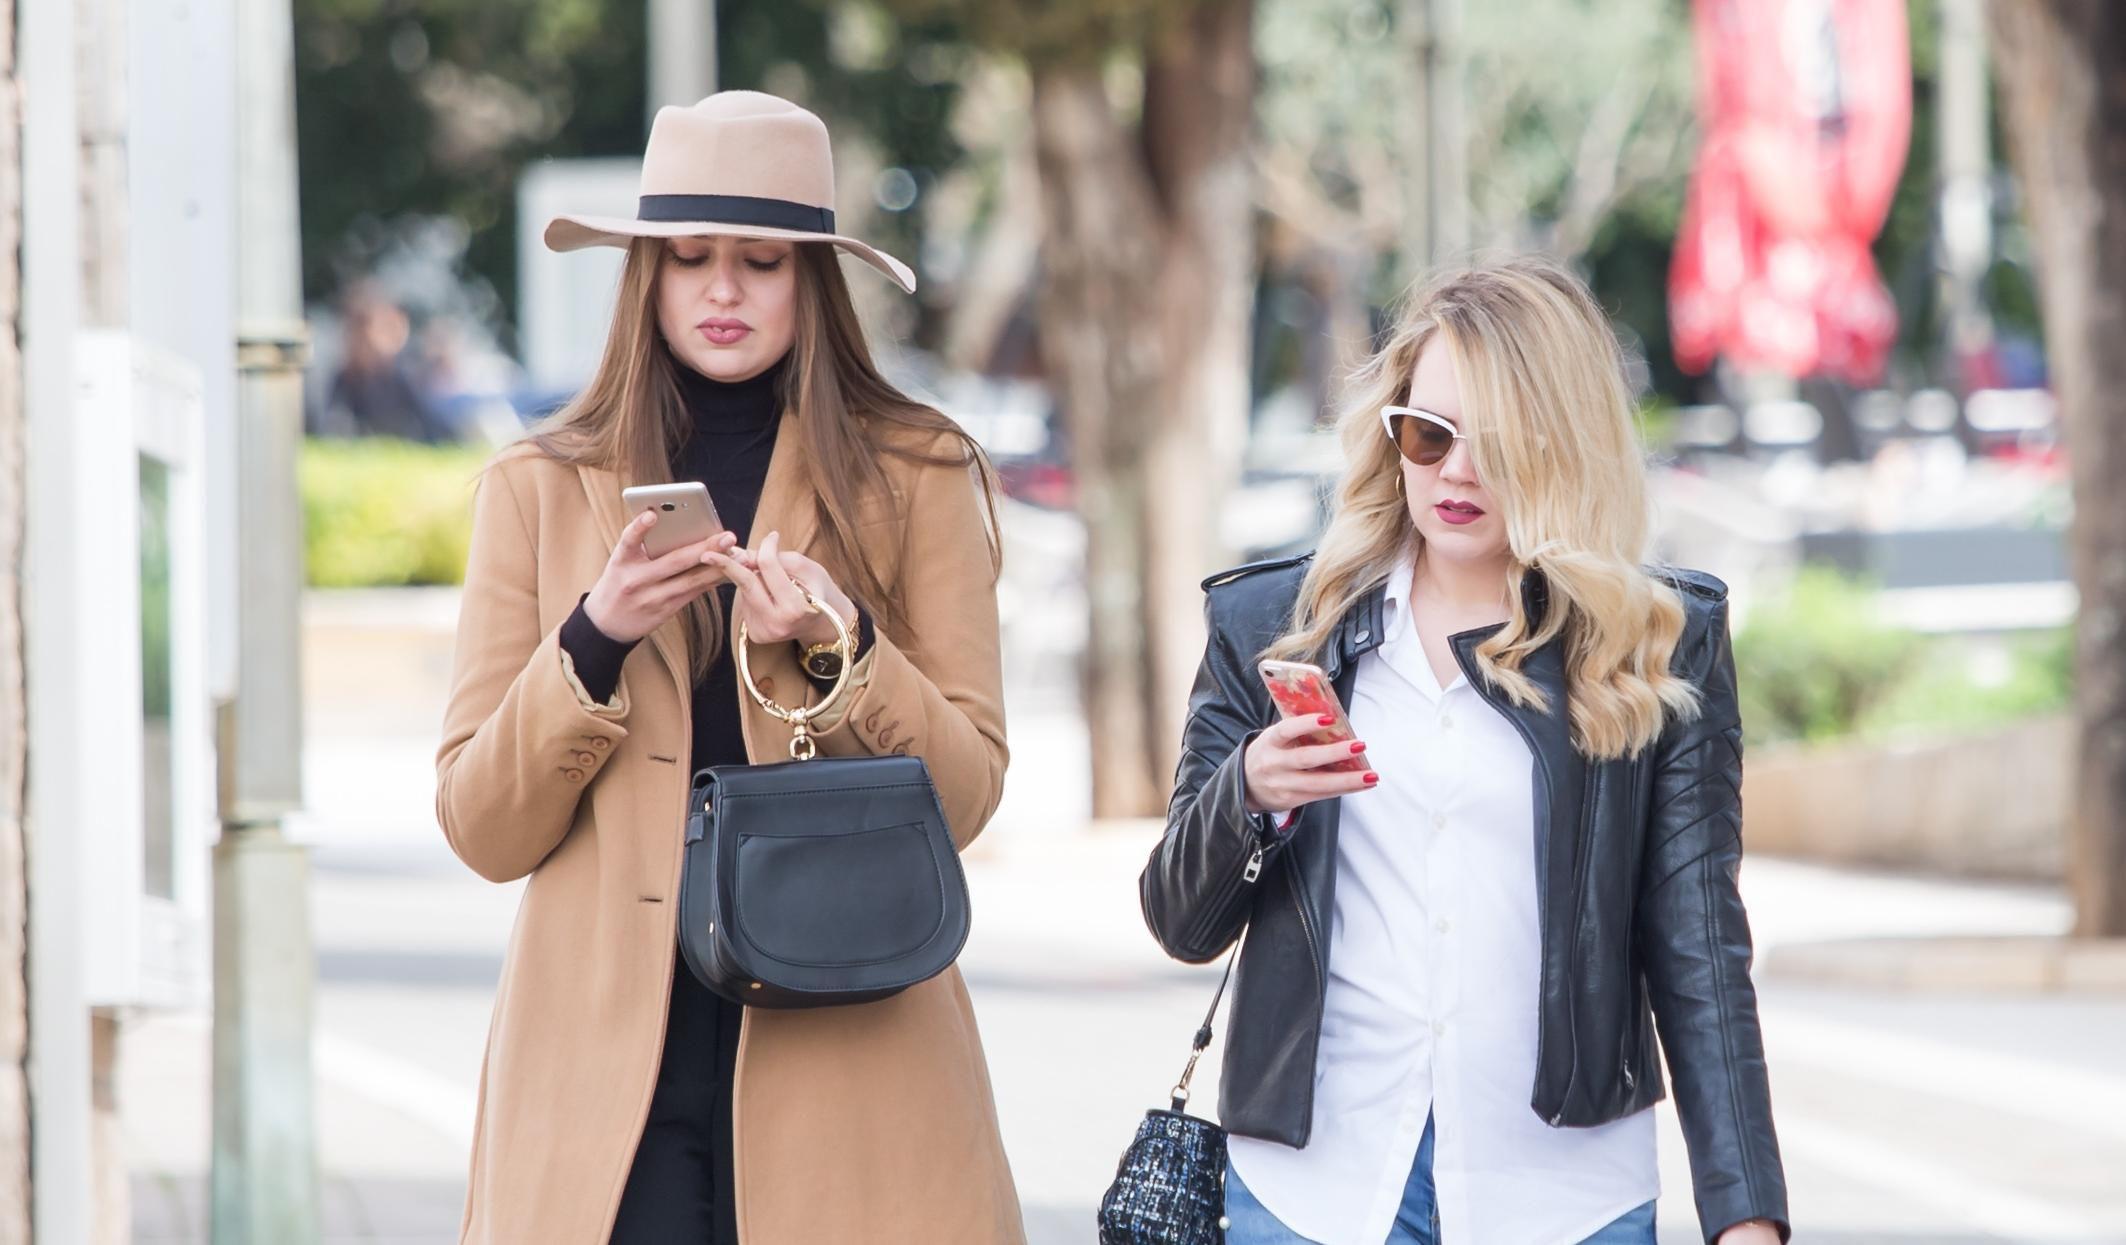 Lekcije iz dobrog stila potražite kod ove dvije djevojke!